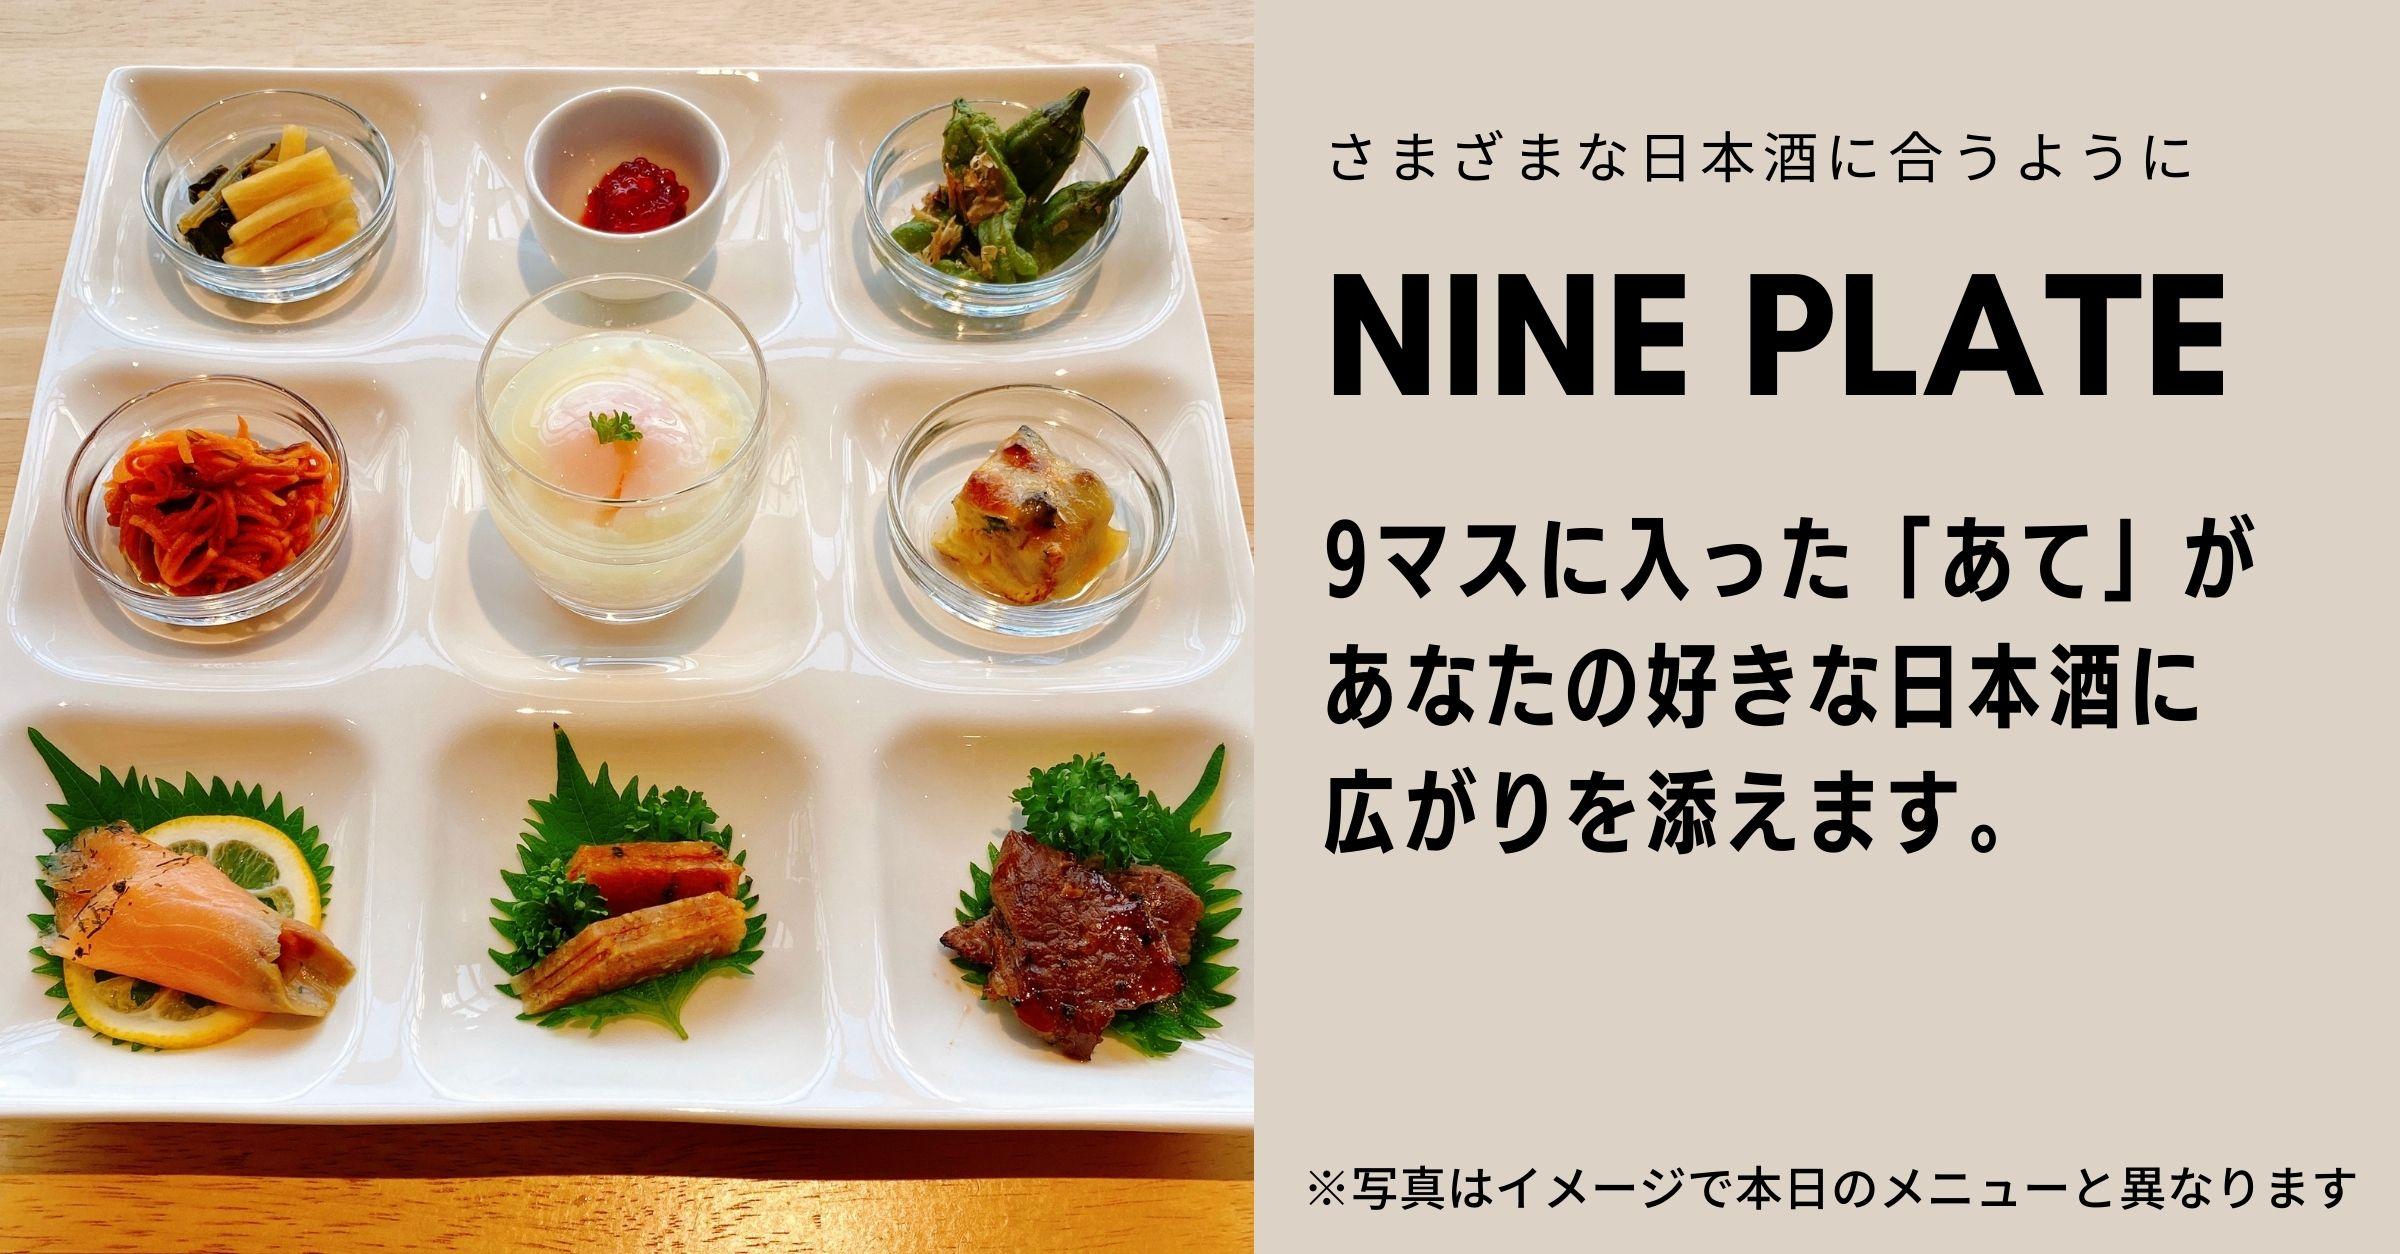 Nine plate